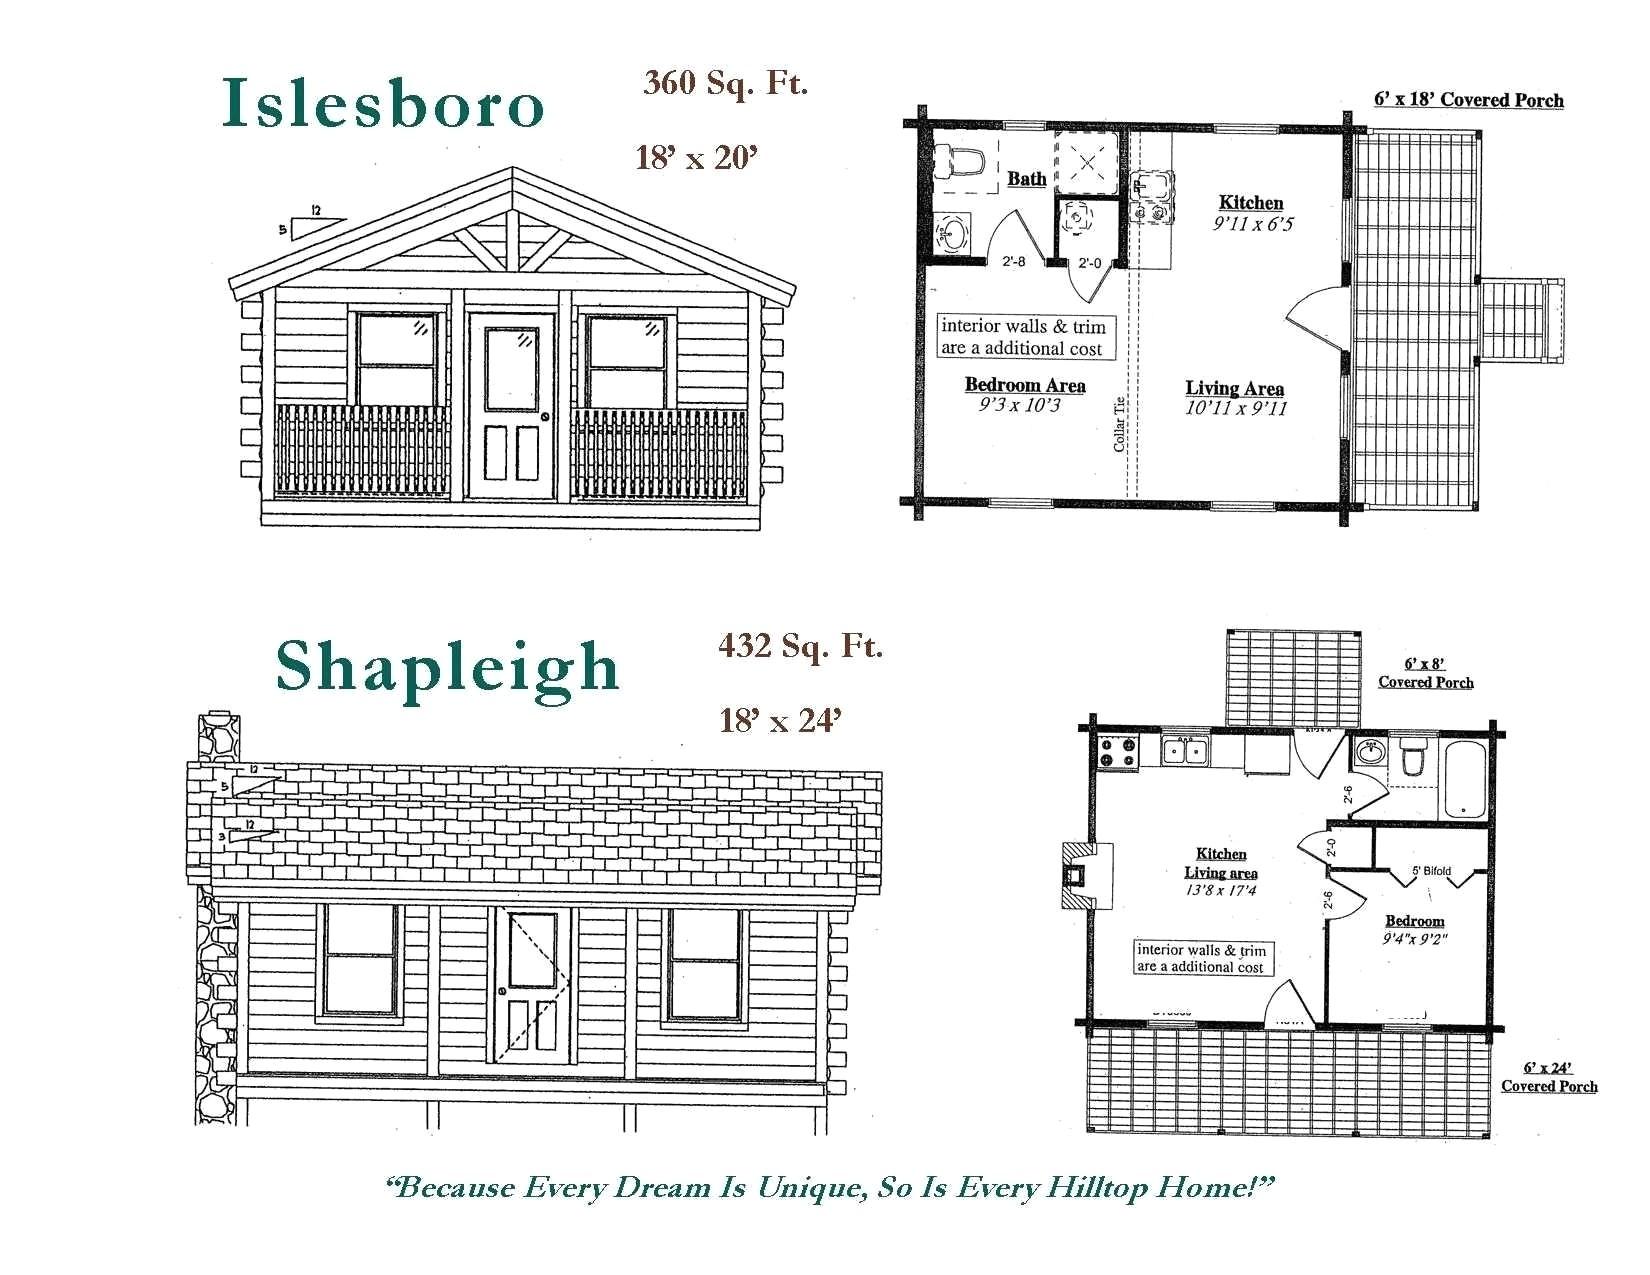 House Plans Under 50k Inexpensive House Plans Unique Cheap House Plans to Build